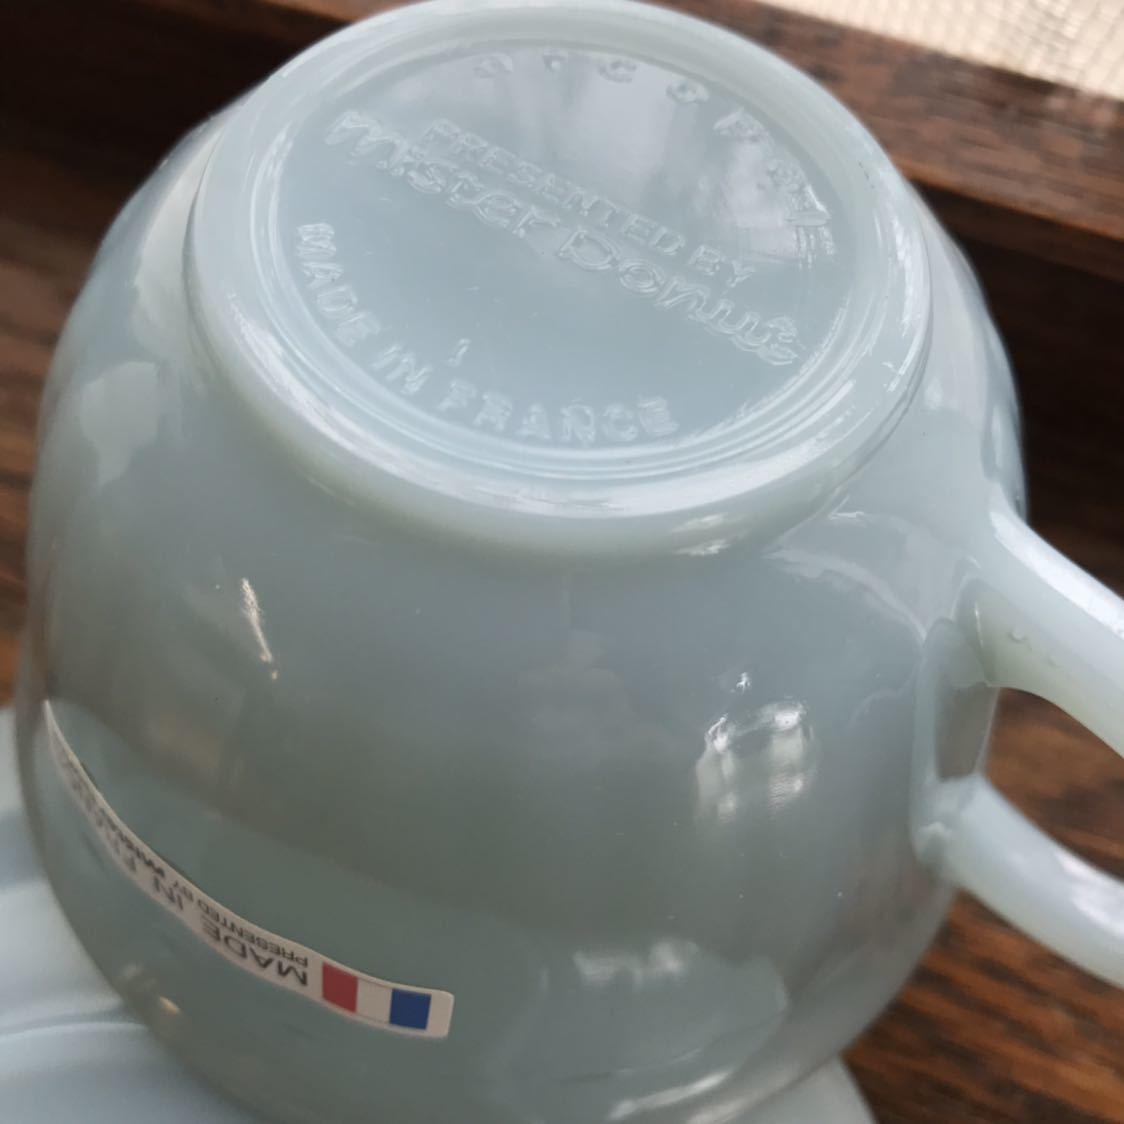 ミスタードーナツ カップ&ソーサー シール付き新品 アルコパル arcopal ノベルティ ミルクガラス ミスド 食器_画像6